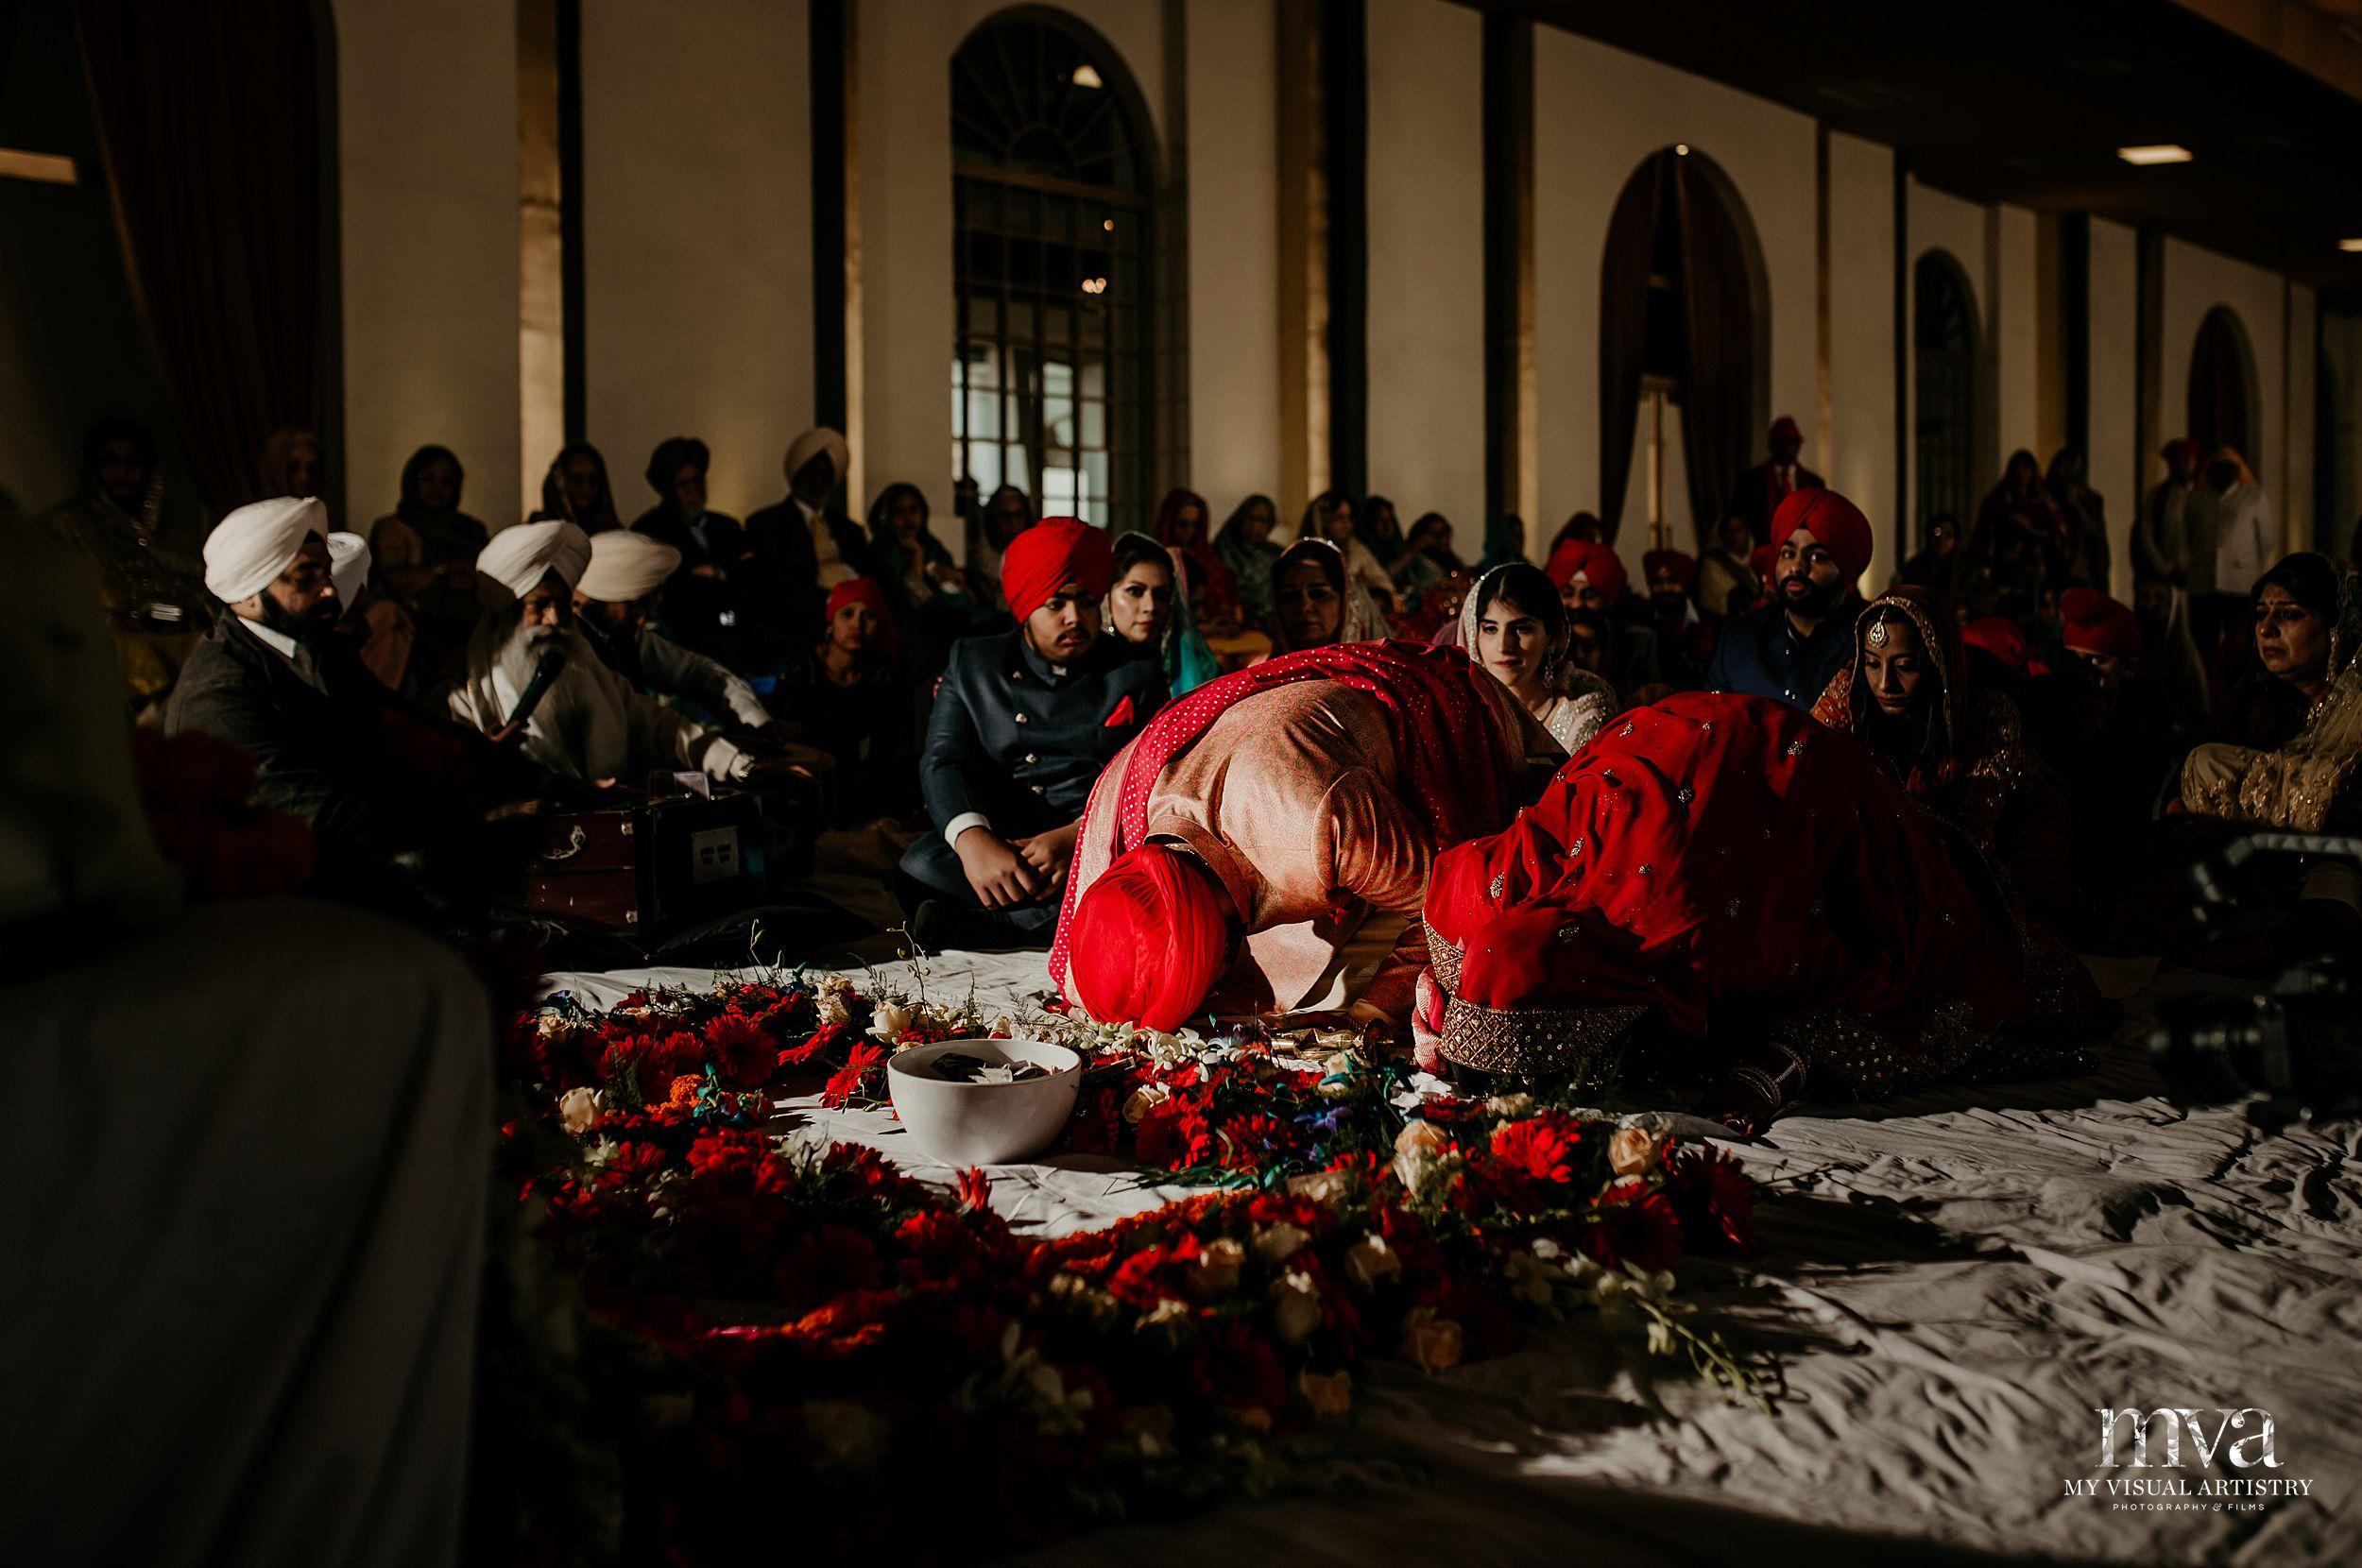 anant_arundhati_myvisualartistry_mva_wedding_sikh_ - 337.jpg